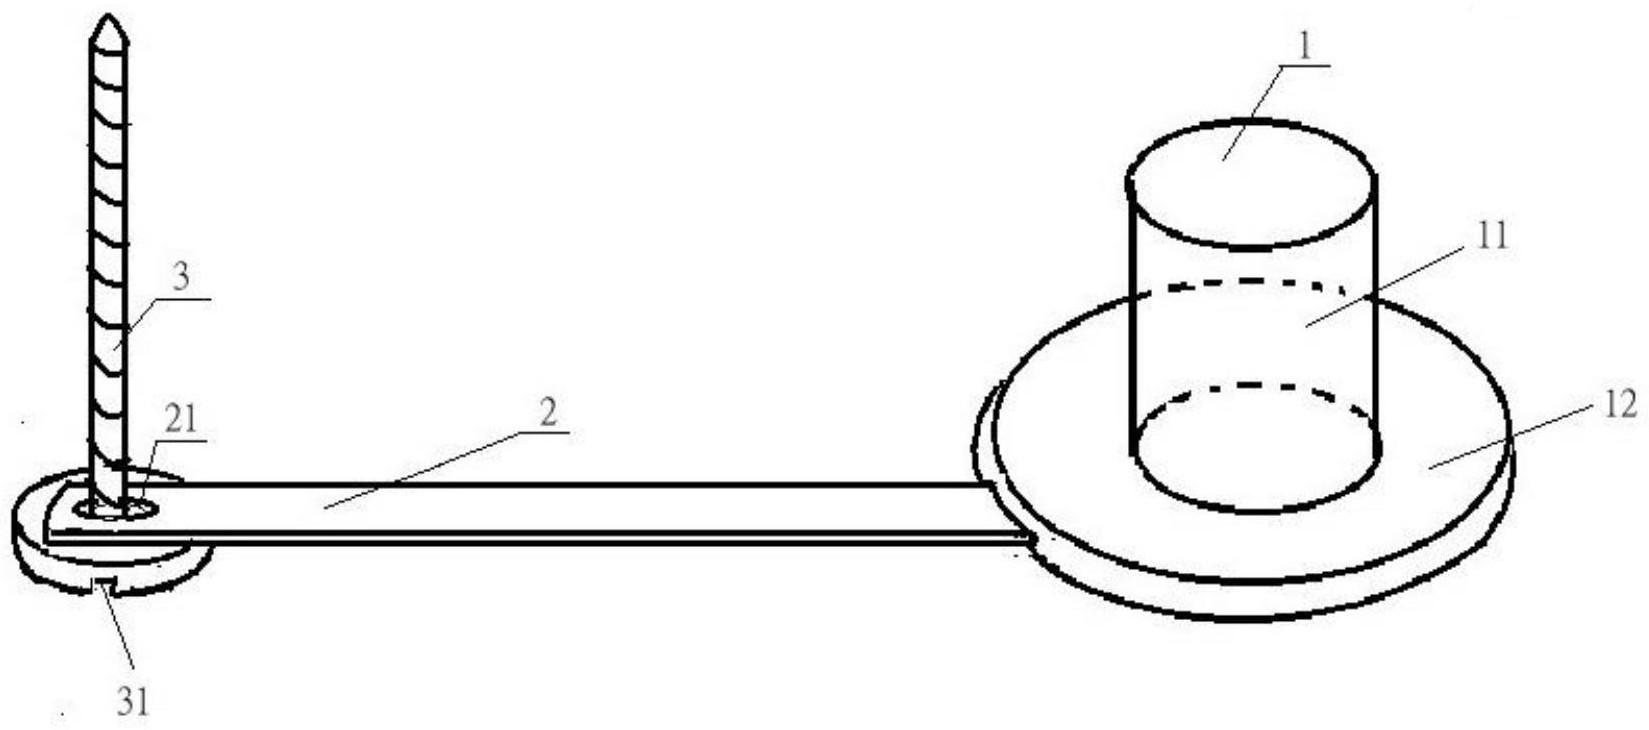 呼吸空气鞋的进风口的塞子简易结构